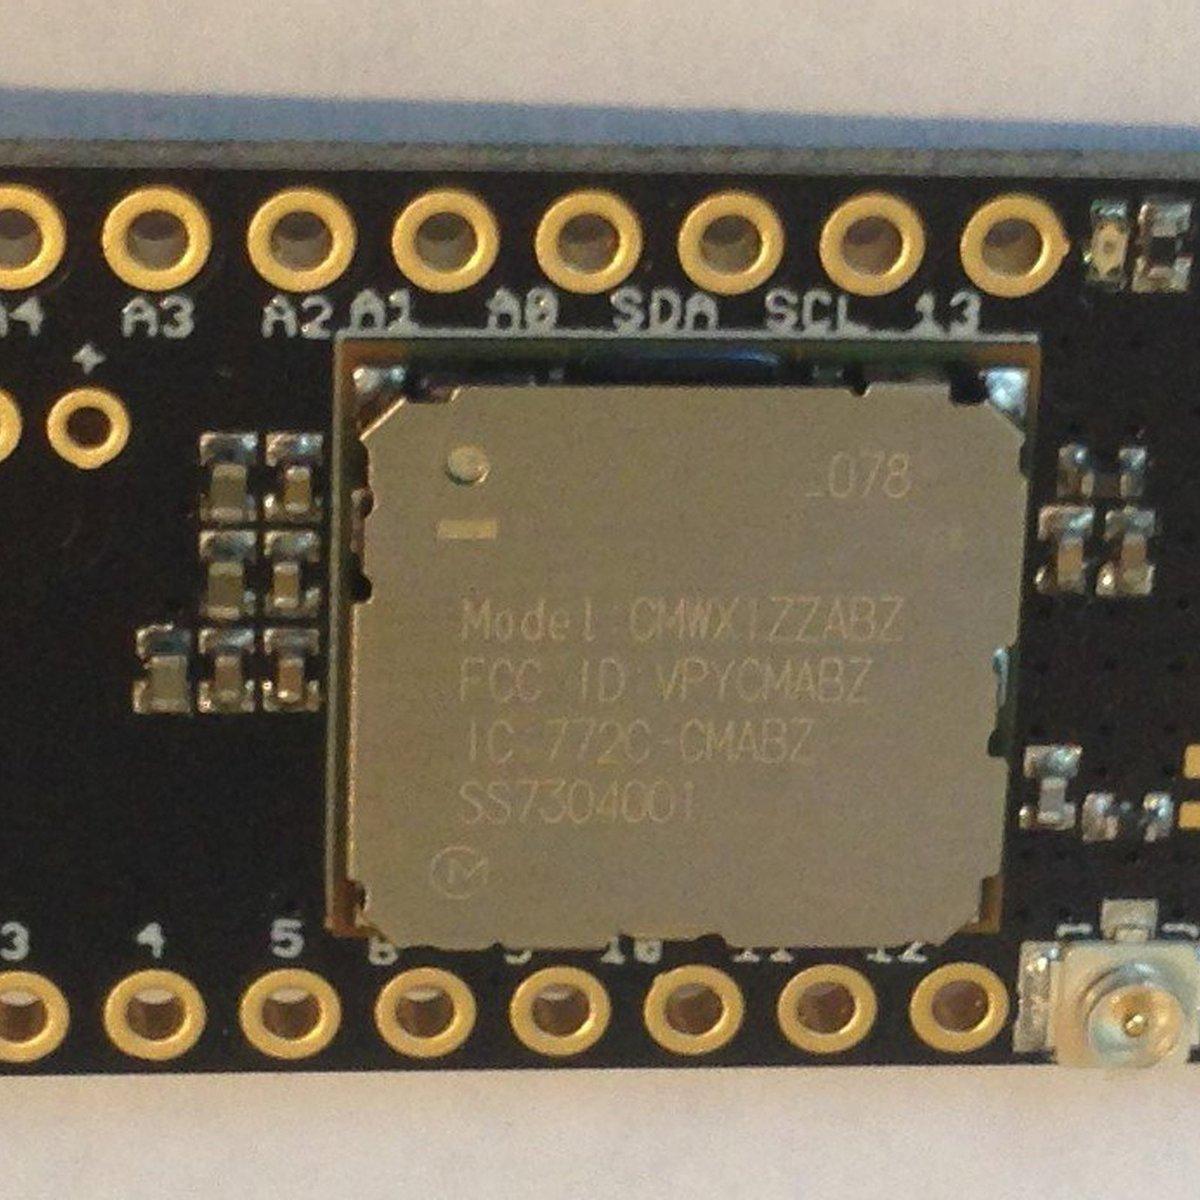 Grasshopper LoRa/LoRaWAN Development Board from Tlera Corp